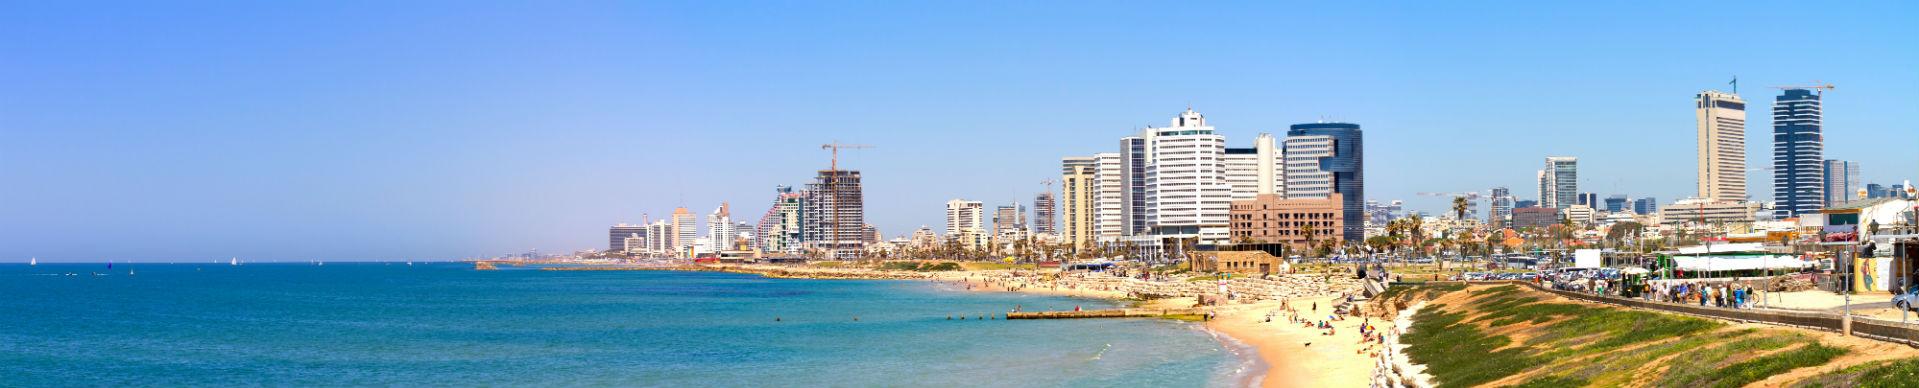 מרחב תל אביב והמרכז